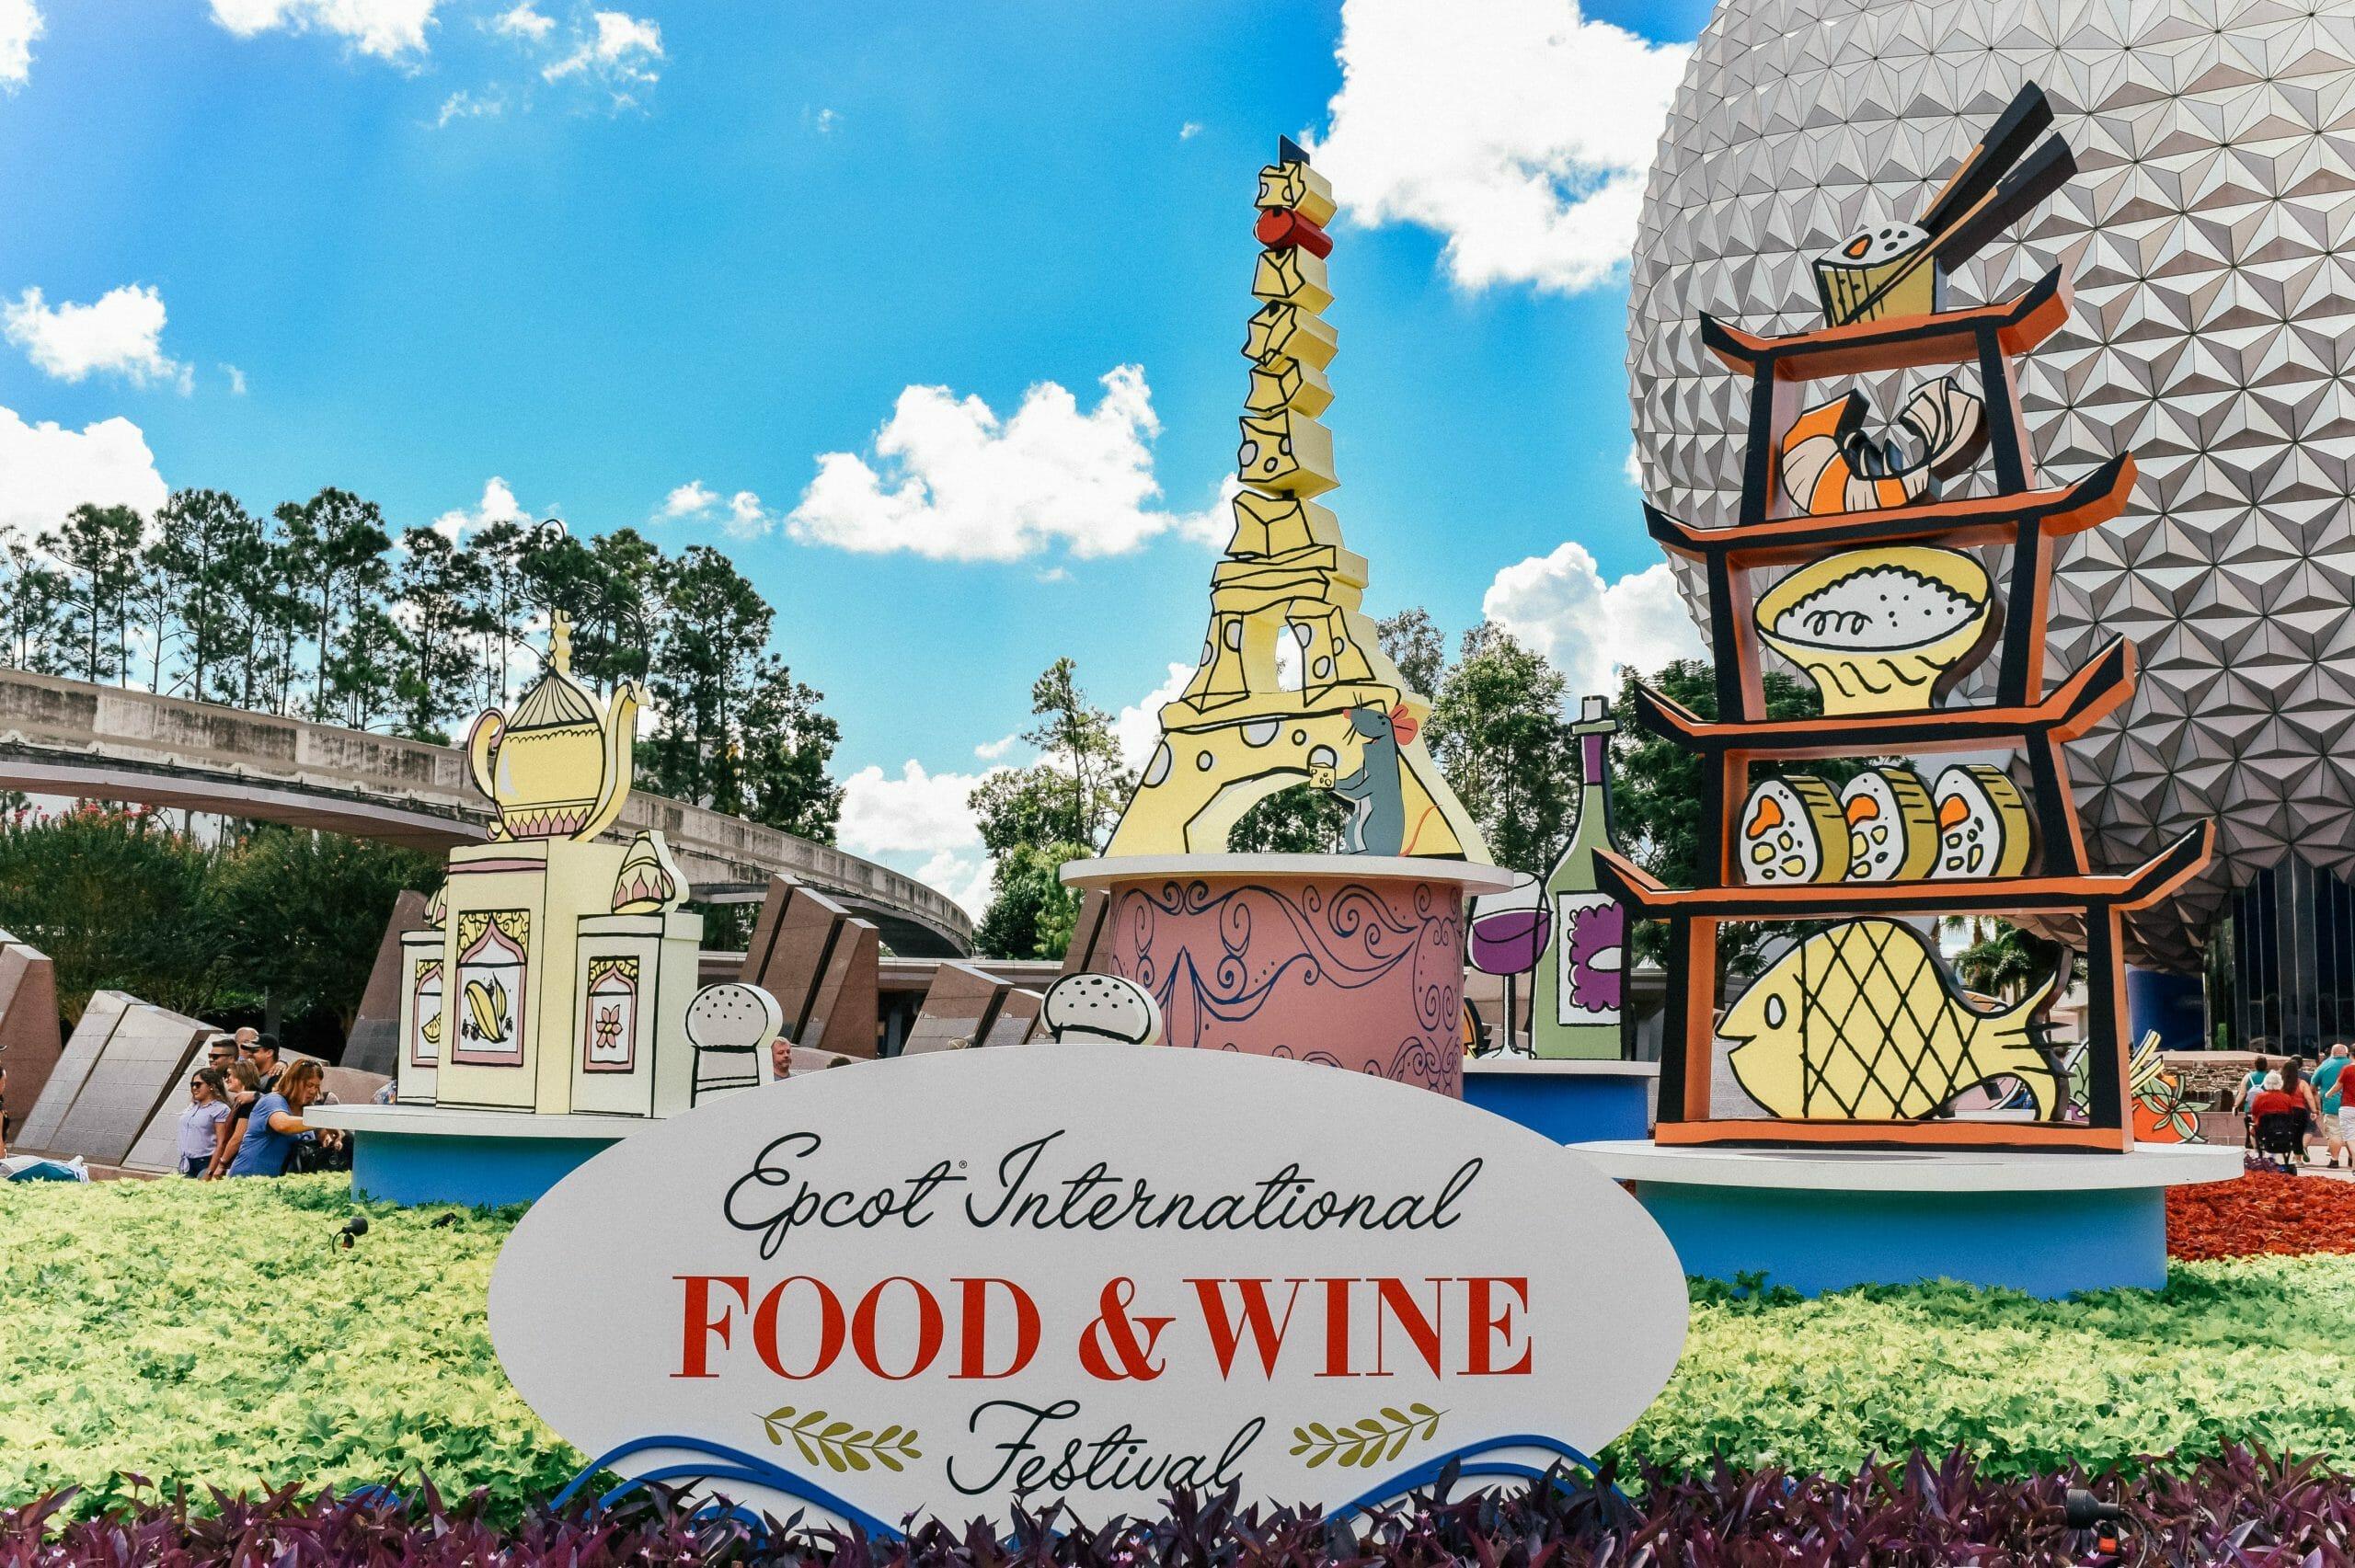 A imagem mostra a decoração do Food & Wine Festival no Epcot, com a Spaceship Earth ao fundo